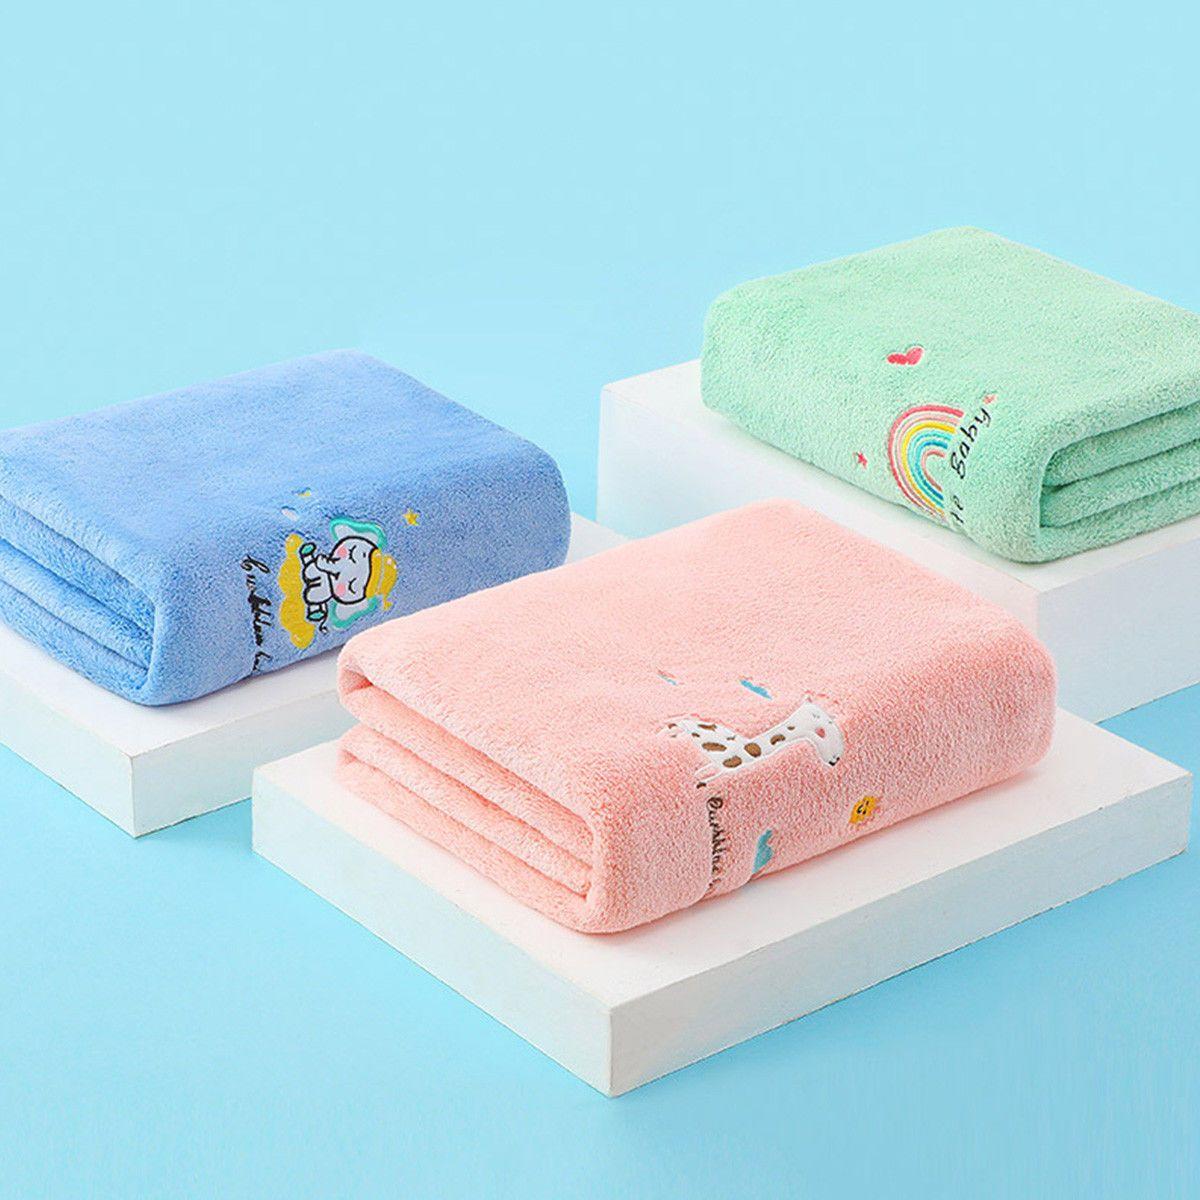 75853-新生婴儿儿浴巾比纯棉超柔吸水儿童洗澡巾宝宝浴巾春秋夏冬大毛巾-详情图